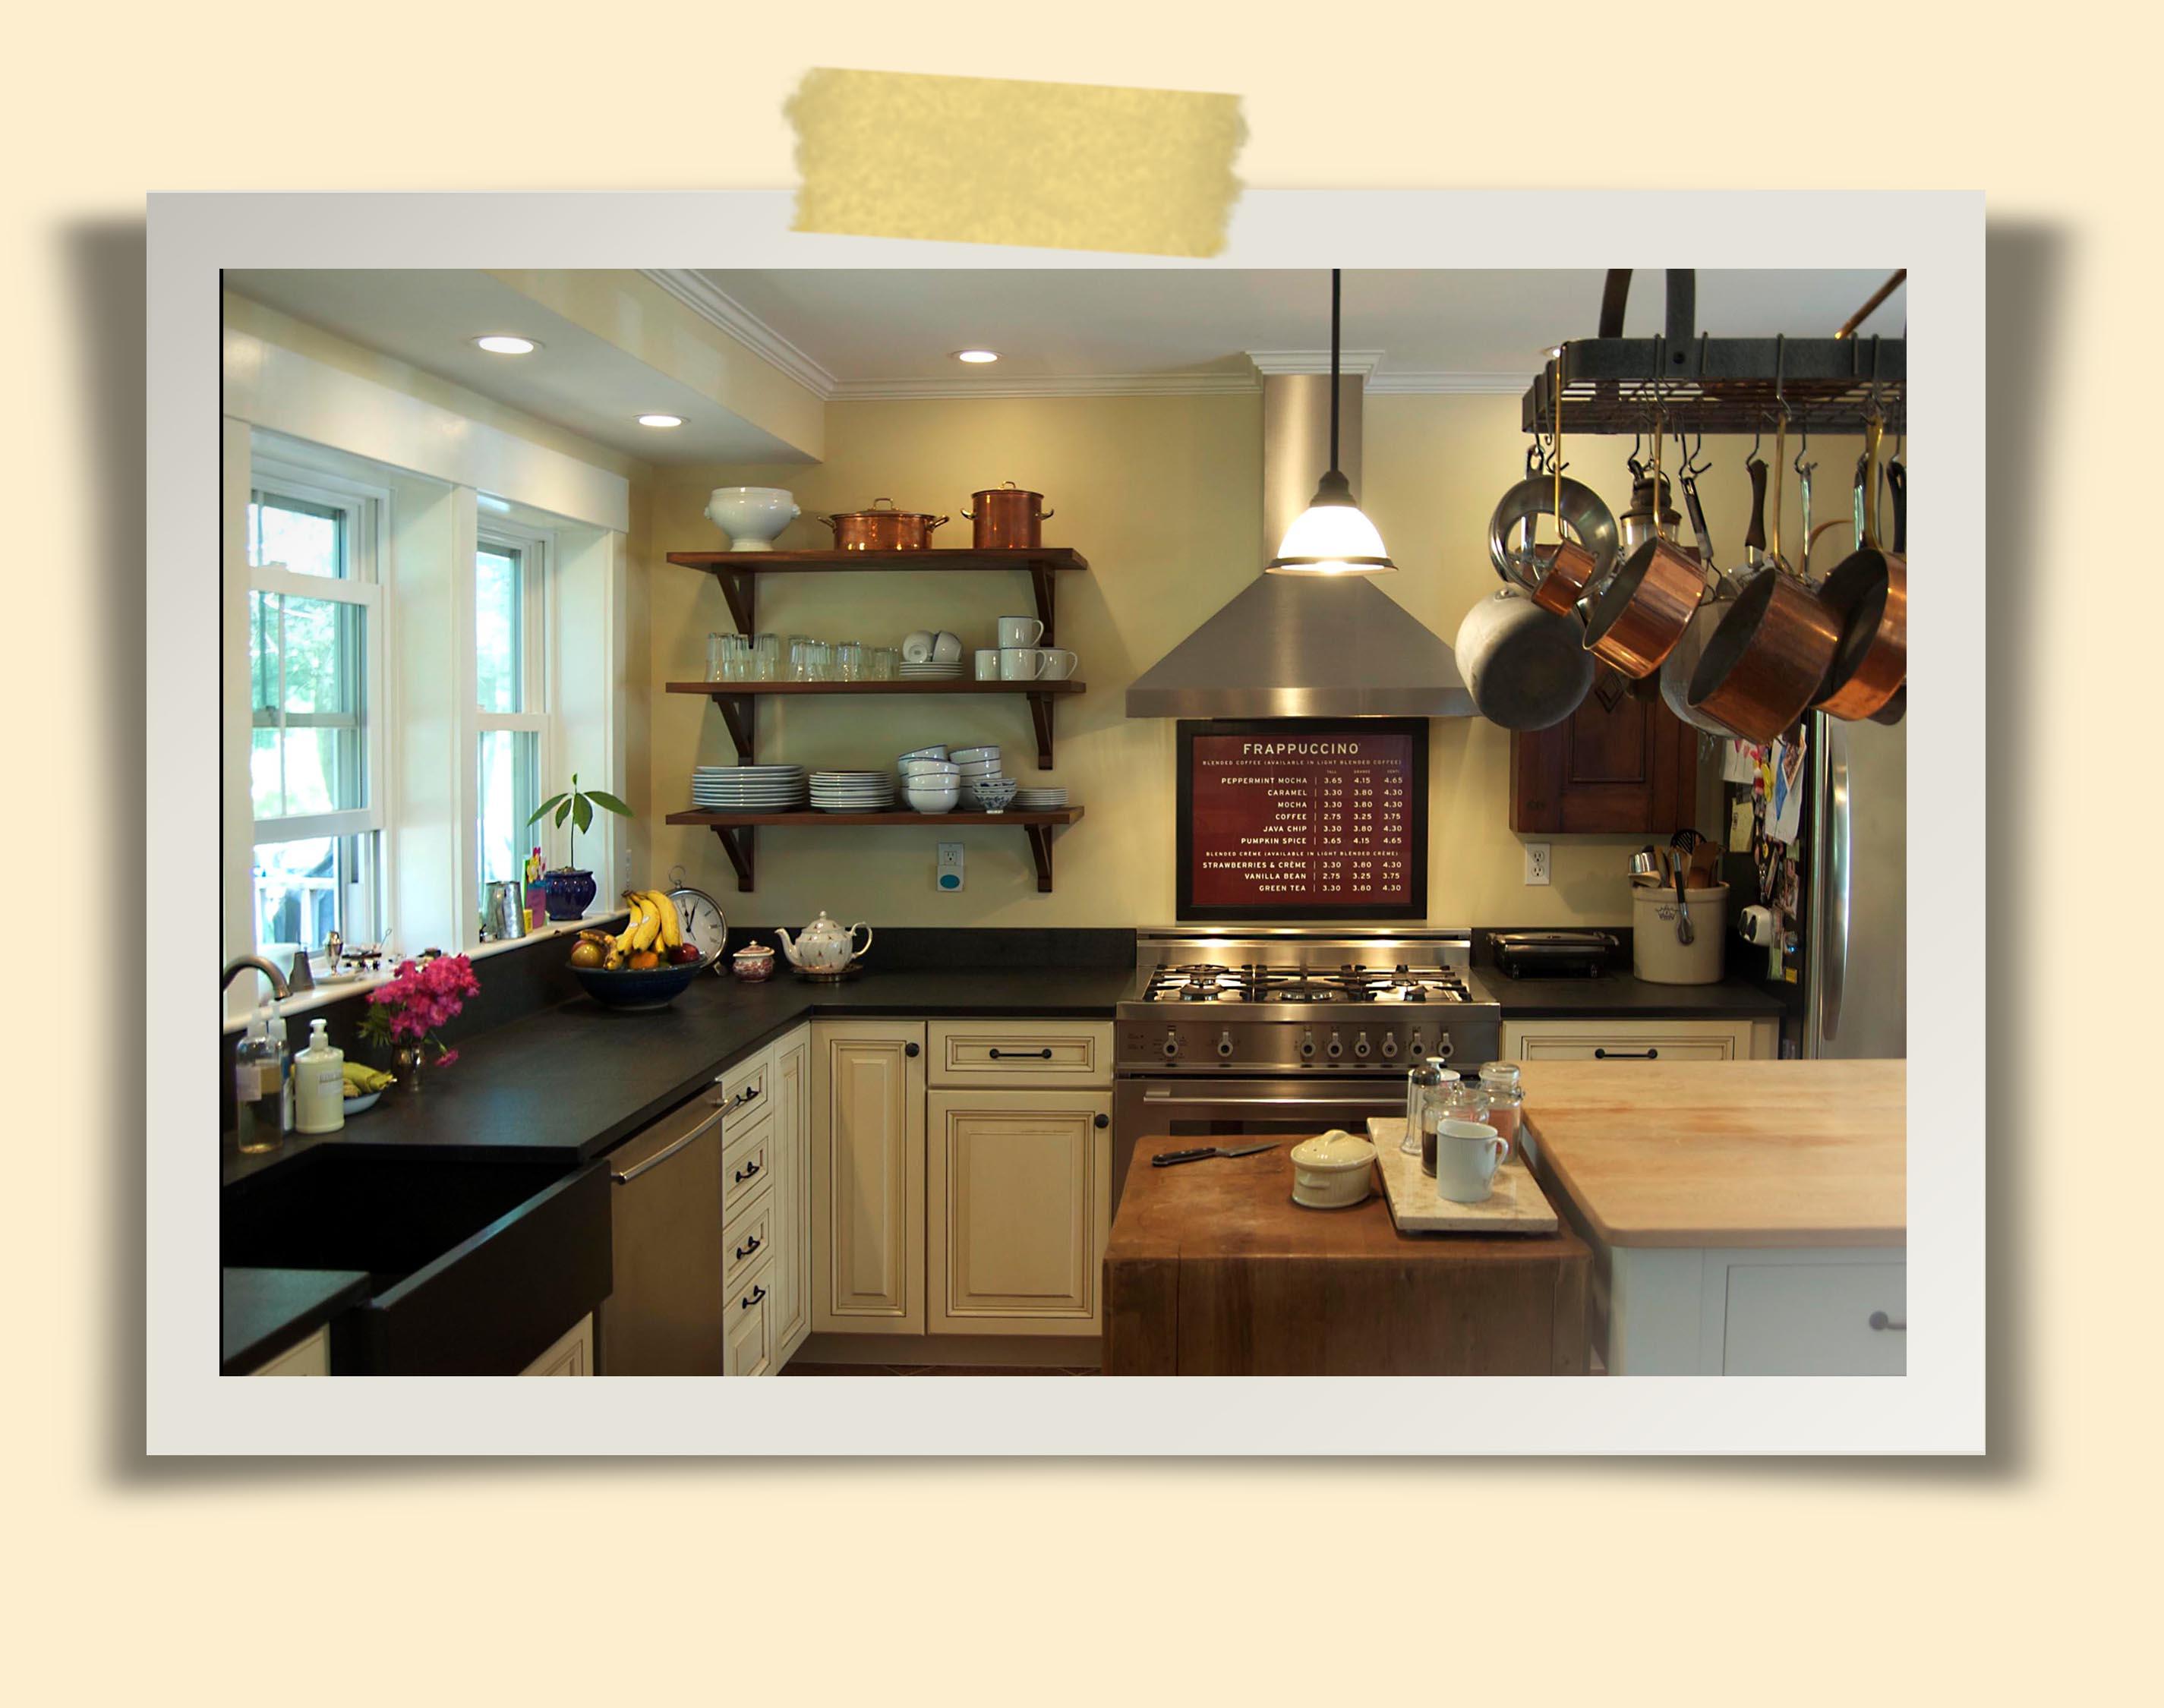 kitchen renovation ideas faucet moen » blog archive nice